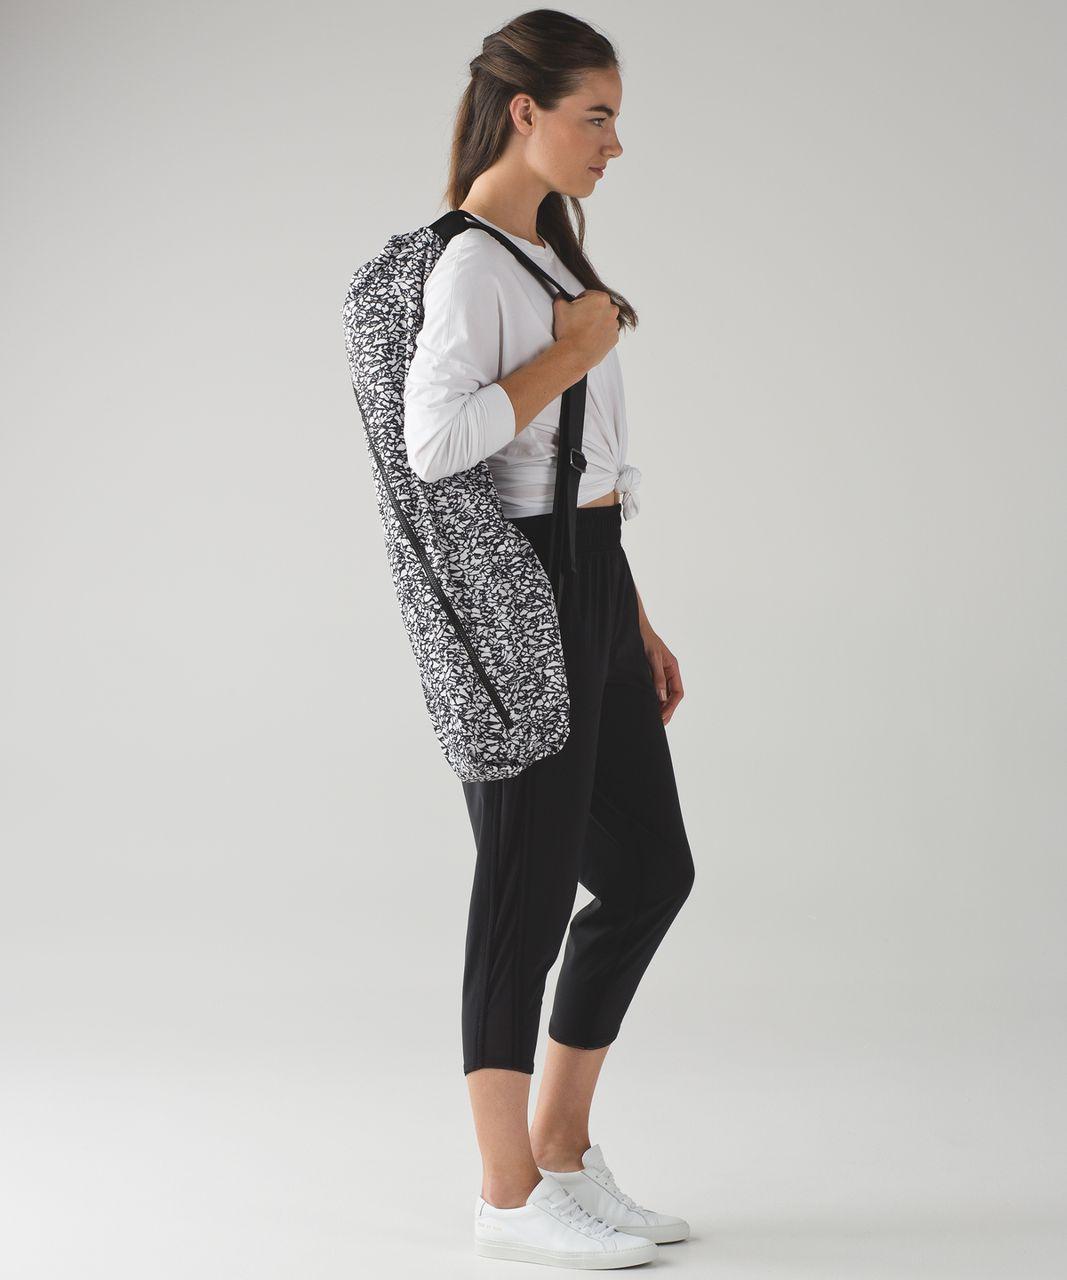 Lululemon The Yoga Bag 14l Ice Breaker White Black